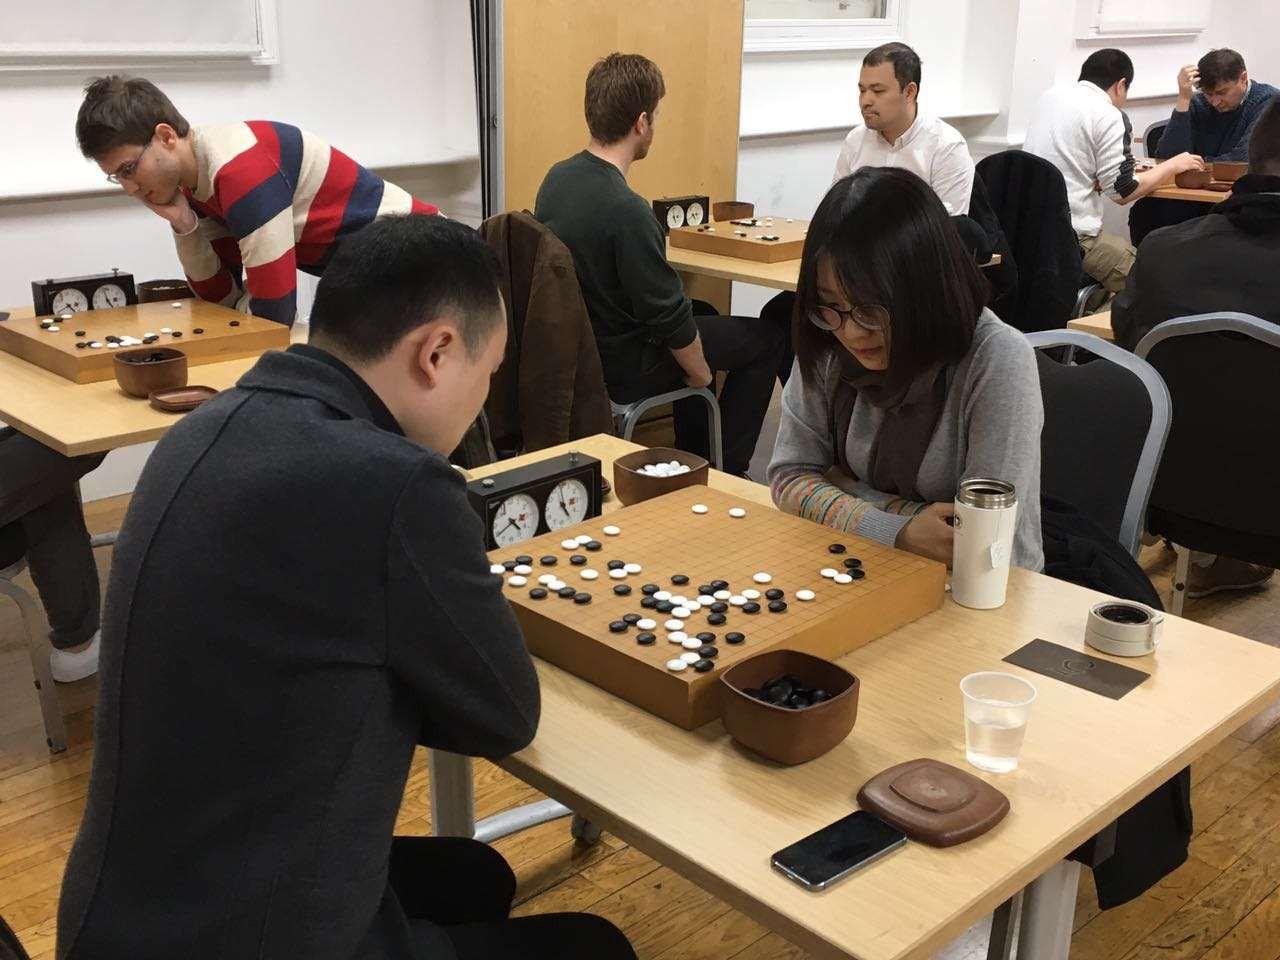 伦敦围棋大会如火如荼(更多照片更新)